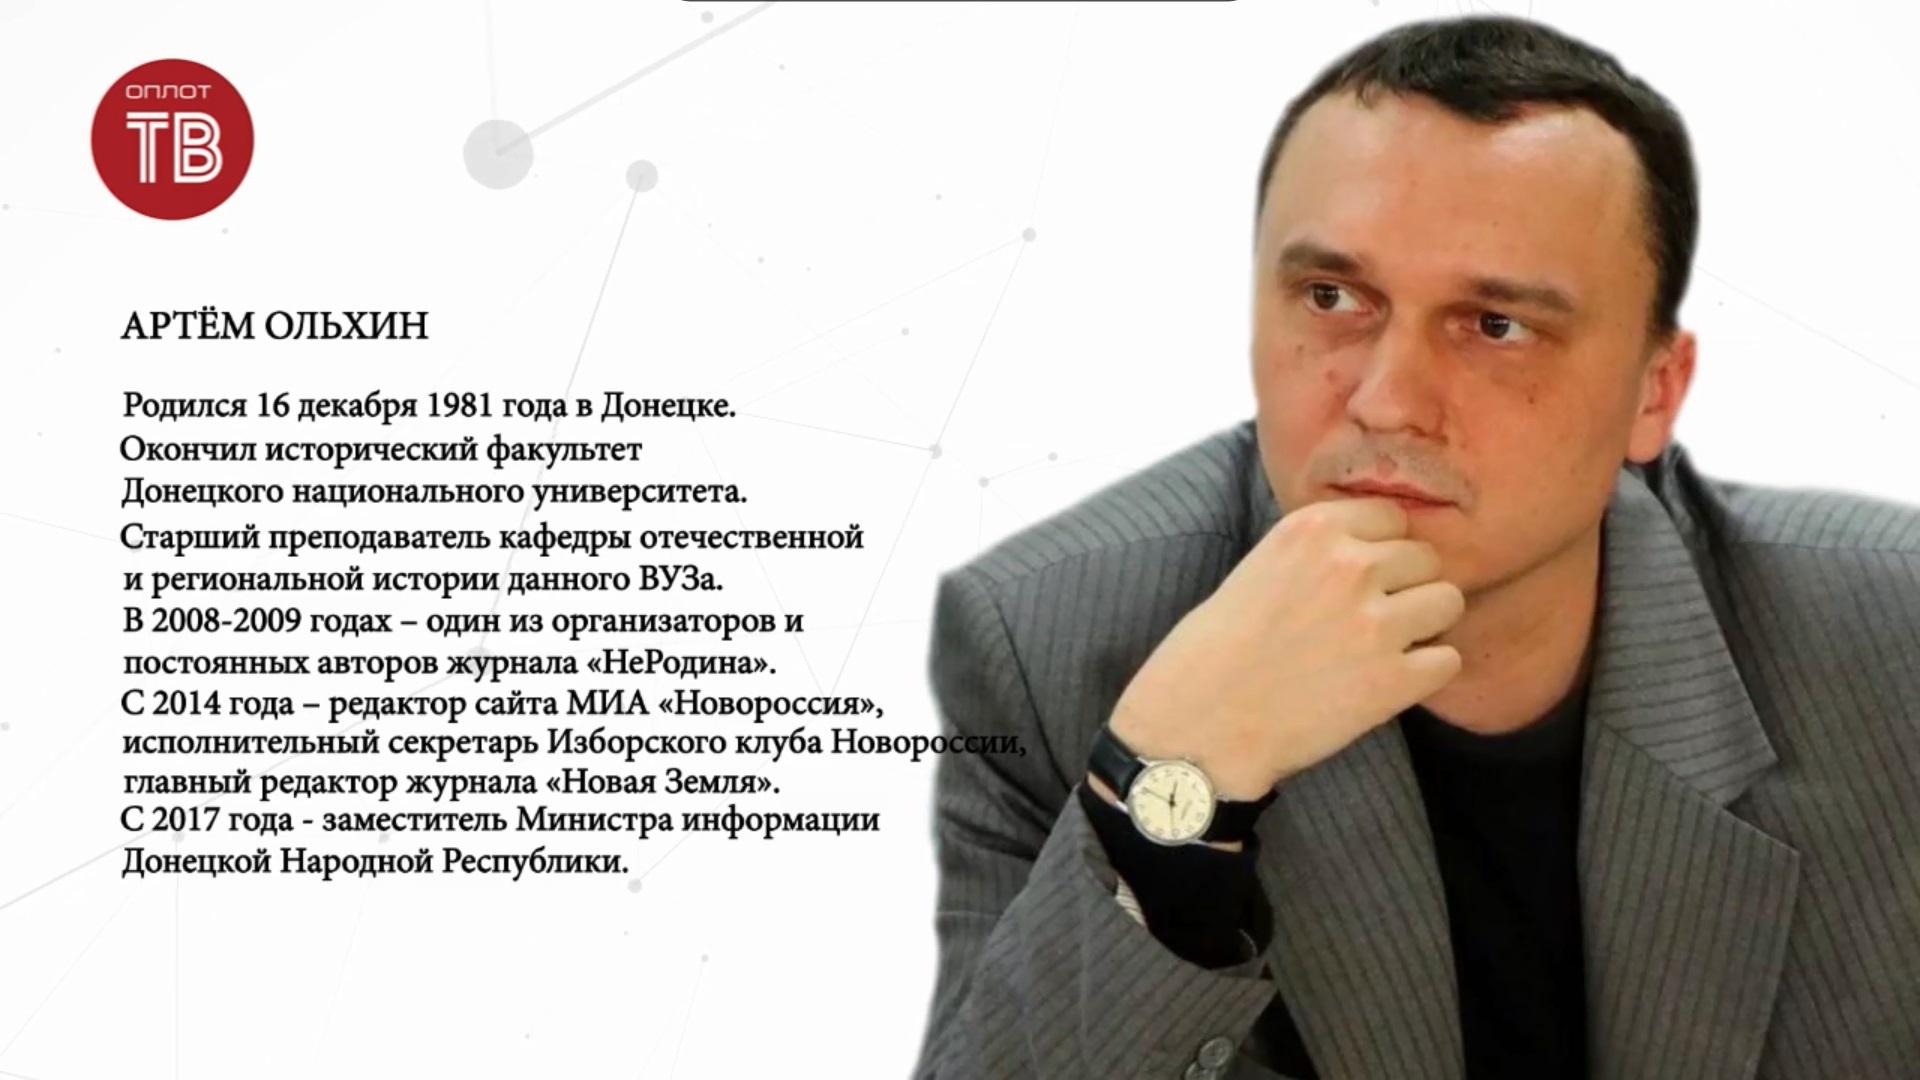 Артём Ольхин: Как транзит власти в США повлияет на России и Украину